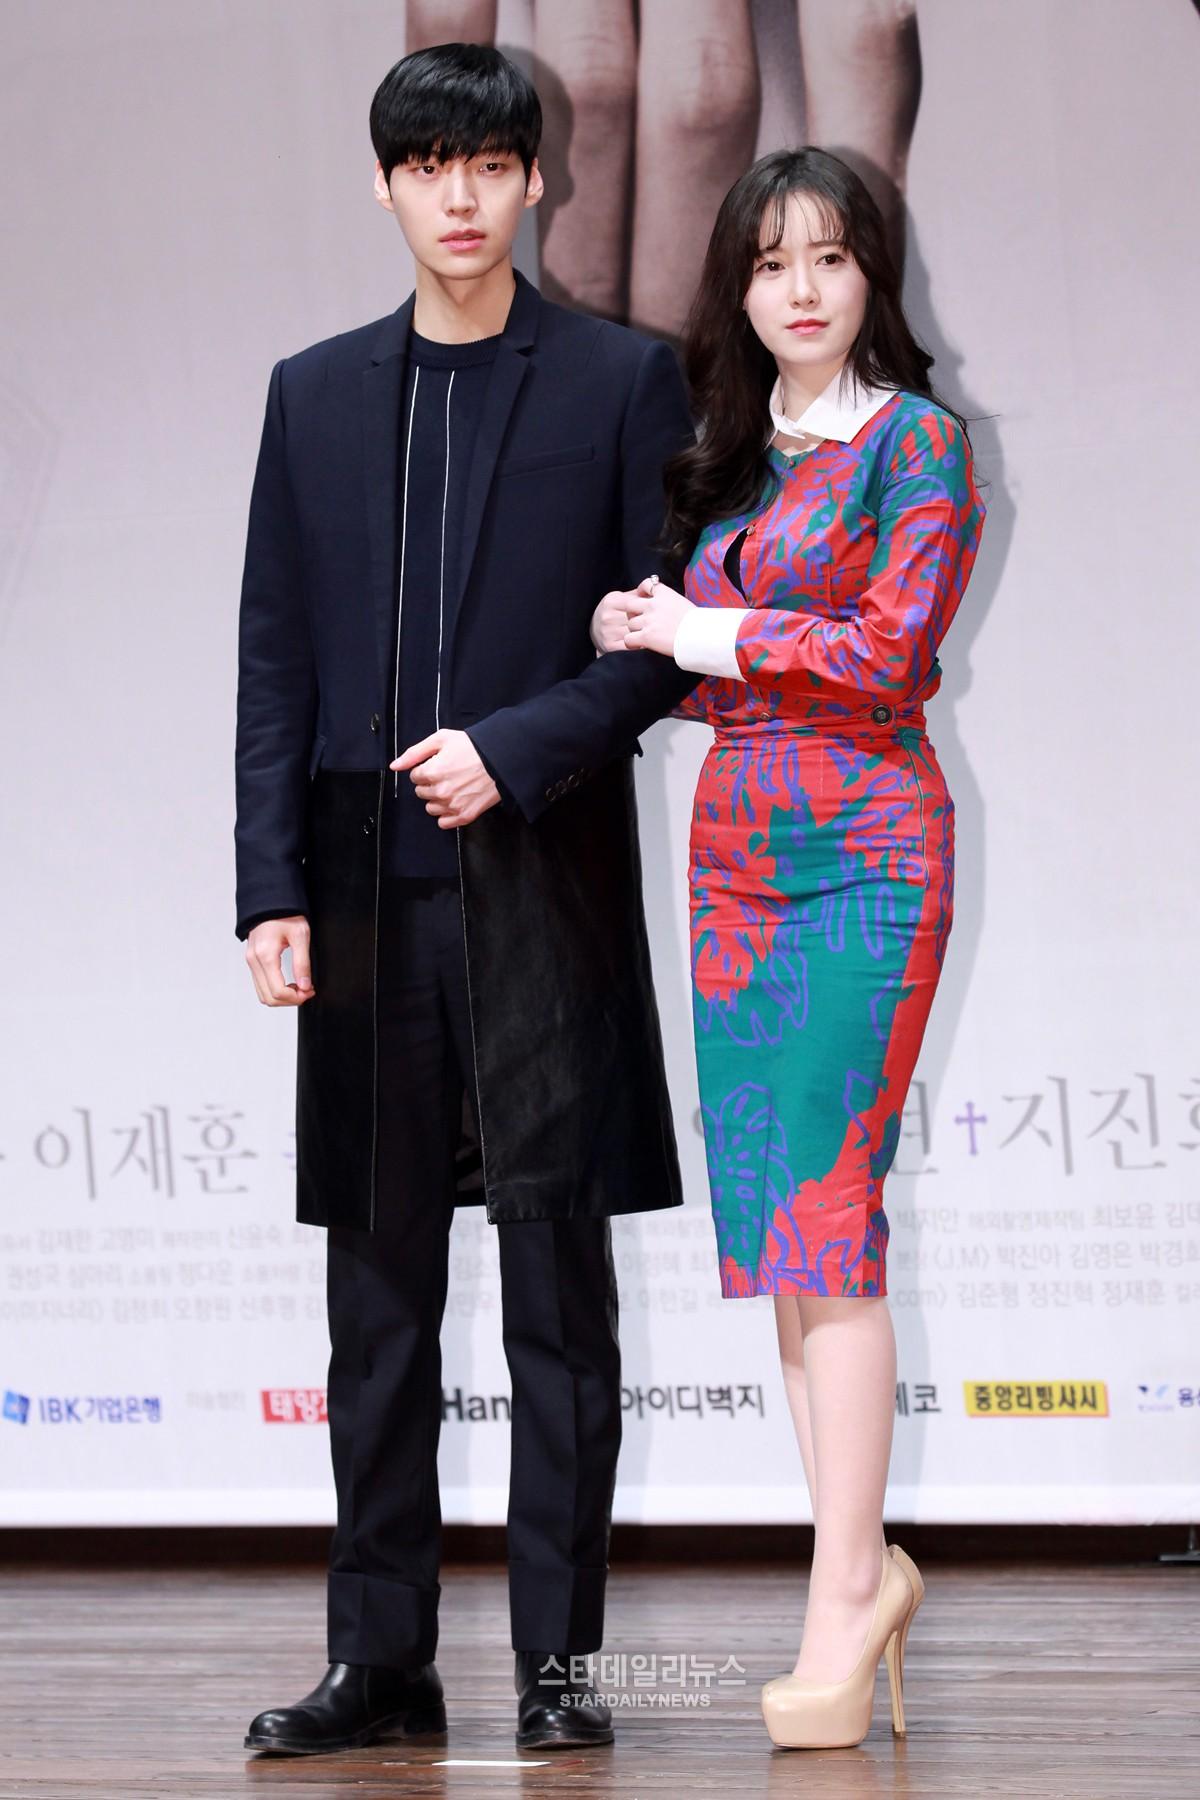 """Se reporta que co-protagonistas de """"Blood"""" Ahn Jae Hyun y Ku Hye Sun estarían en una relación, representantes responden"""